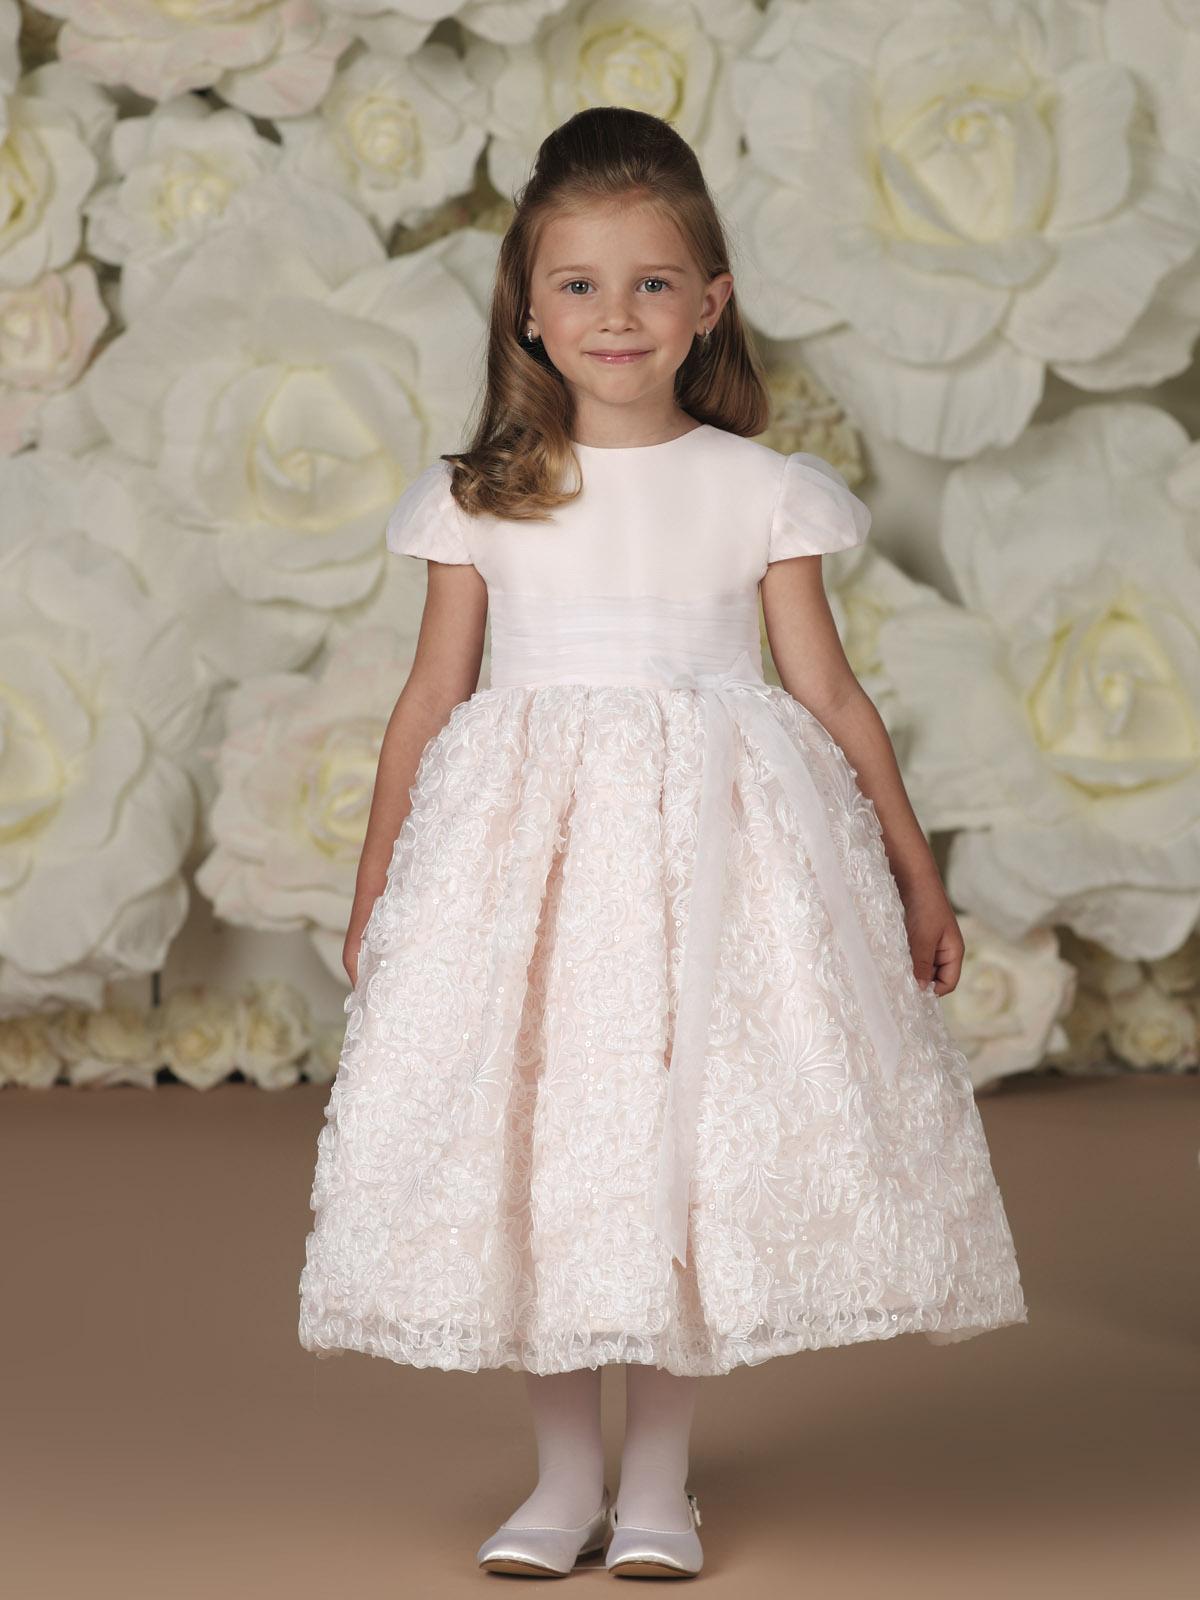 بالصور فساتين اطفال للمناسبات , فستان شياكة للبنوتة الصغيرة 1228 8